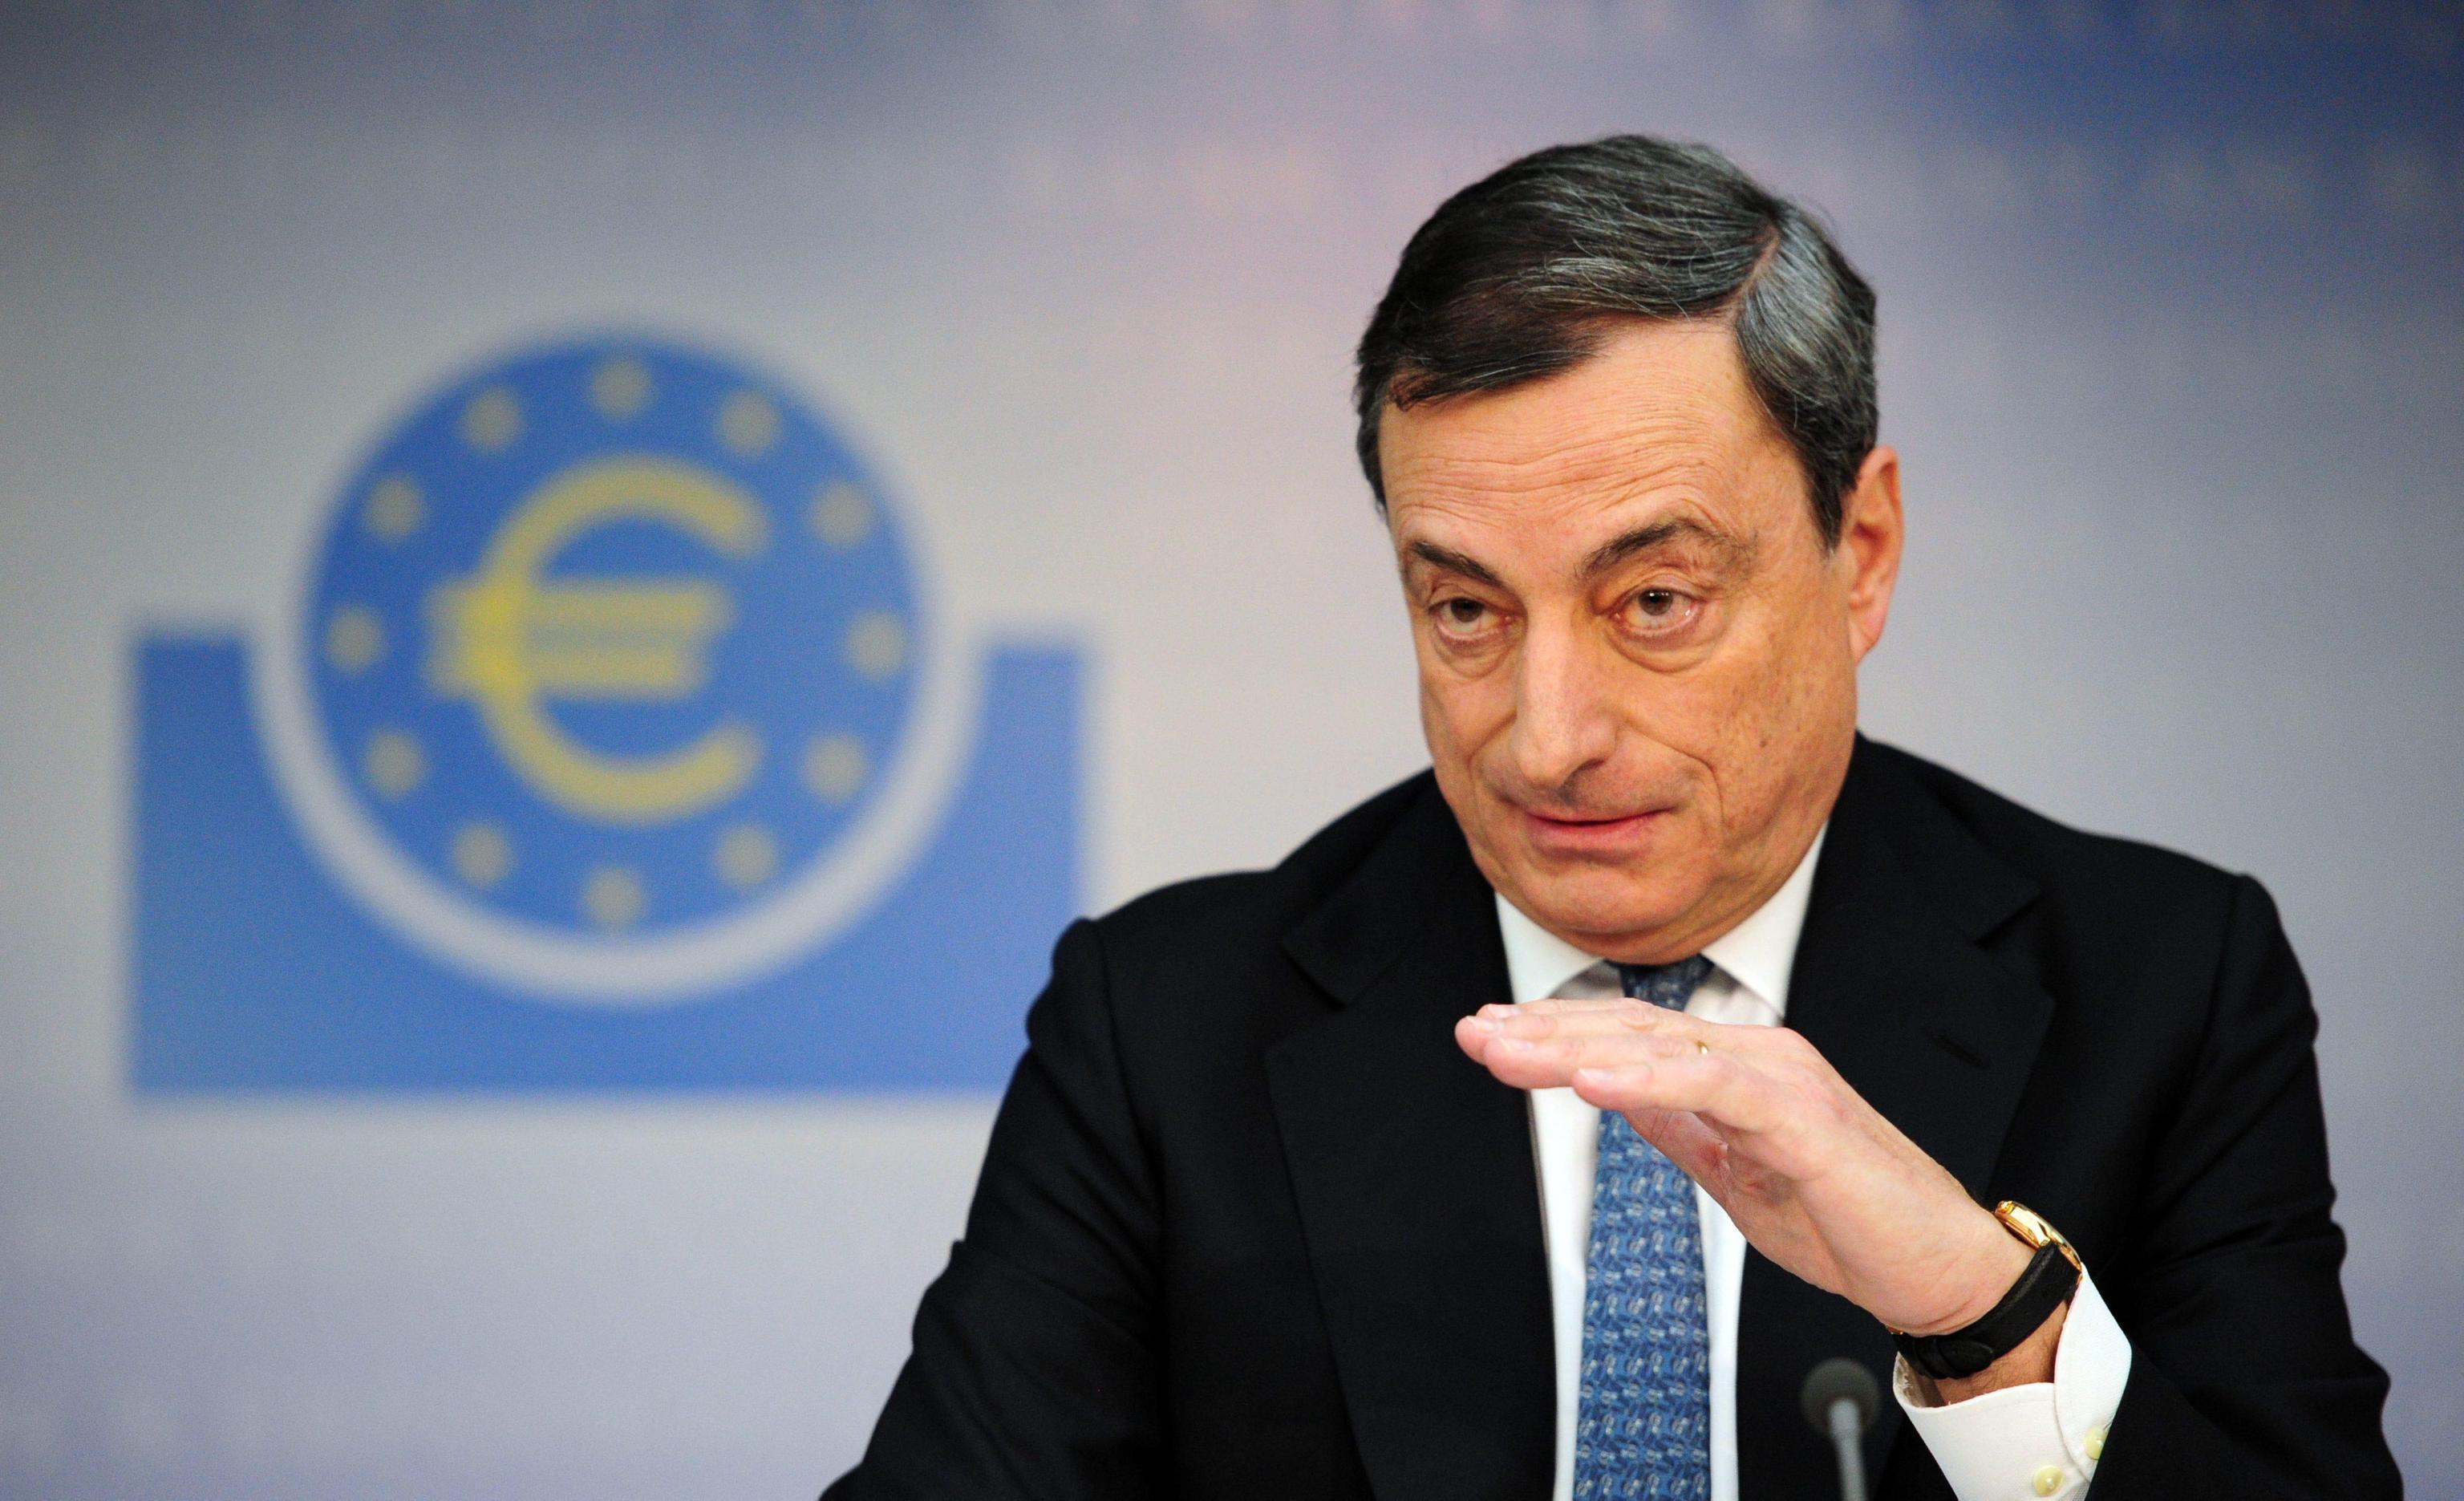 Draghi, avanti con le riforme: ogni rinvio ha costi troppo alti